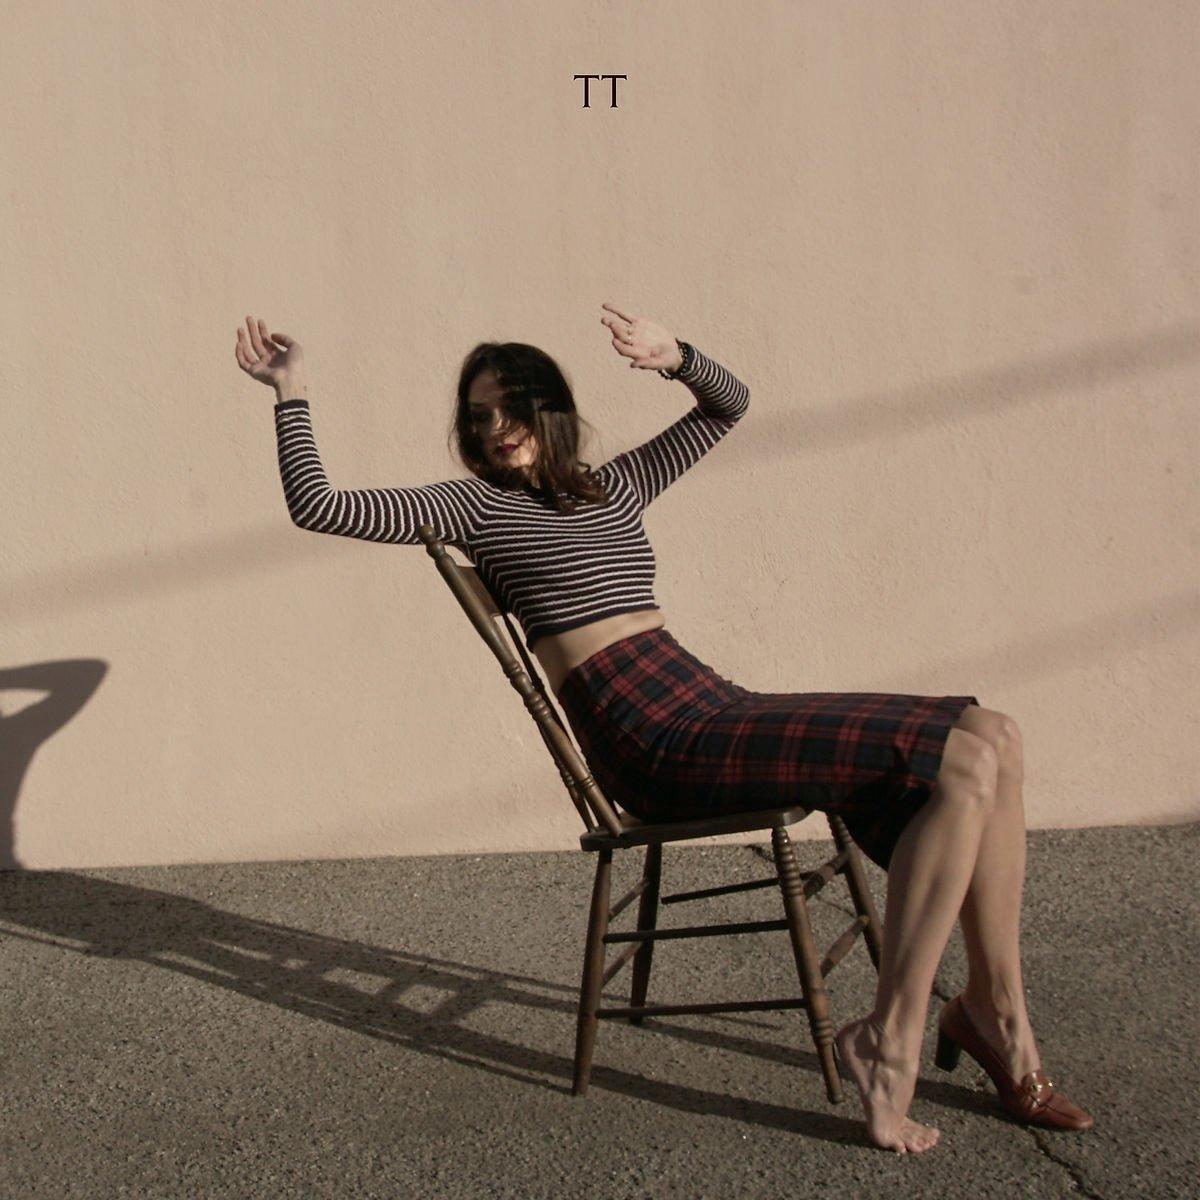 CD : Tt - Lovelaws (Digipack Packaging)